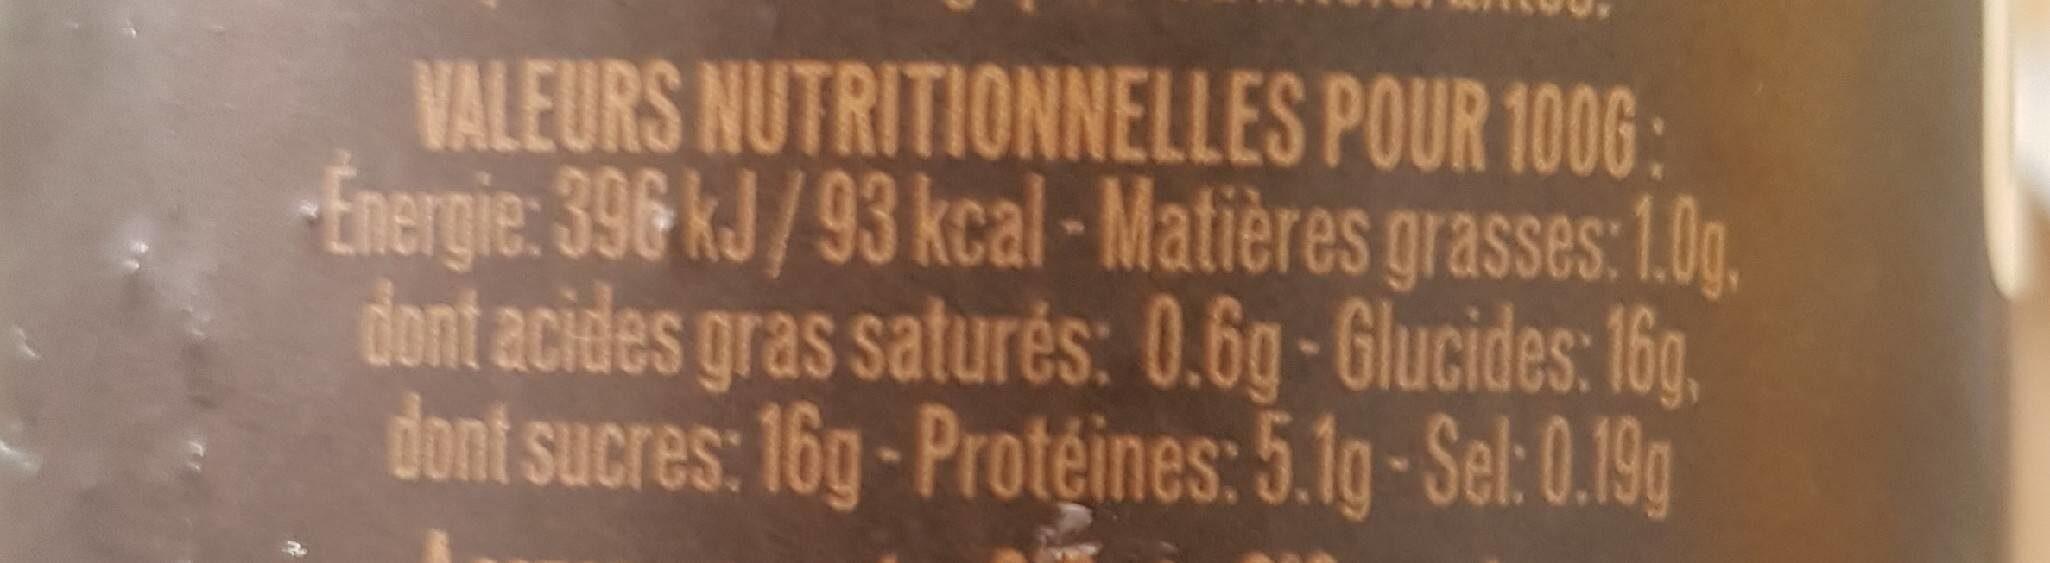 L'Emprésuré saveur Café - Nutrition facts - fr